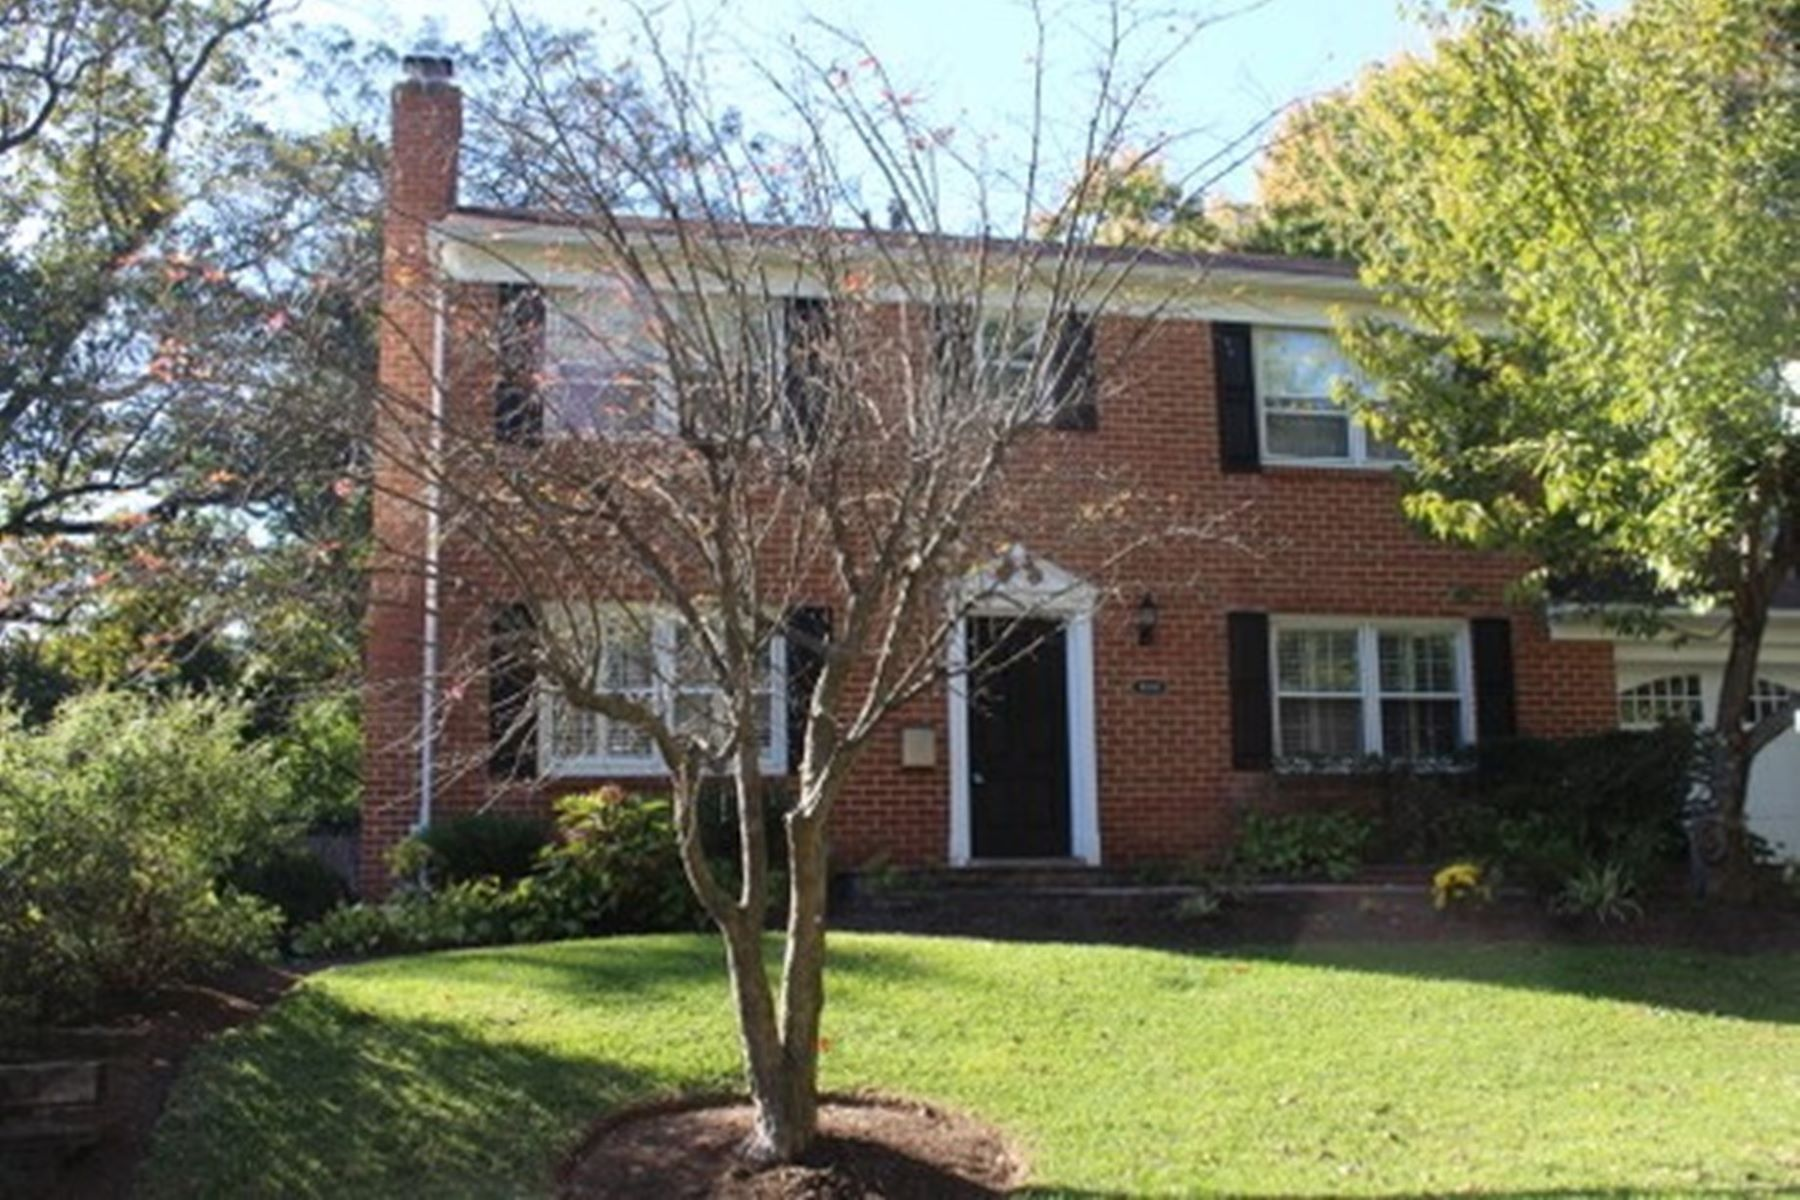 獨棟家庭住宅 為 出租 在 10806 Mccomas Ct 10806 Mccomas Ct Kensington, 馬里蘭州 20895 美國